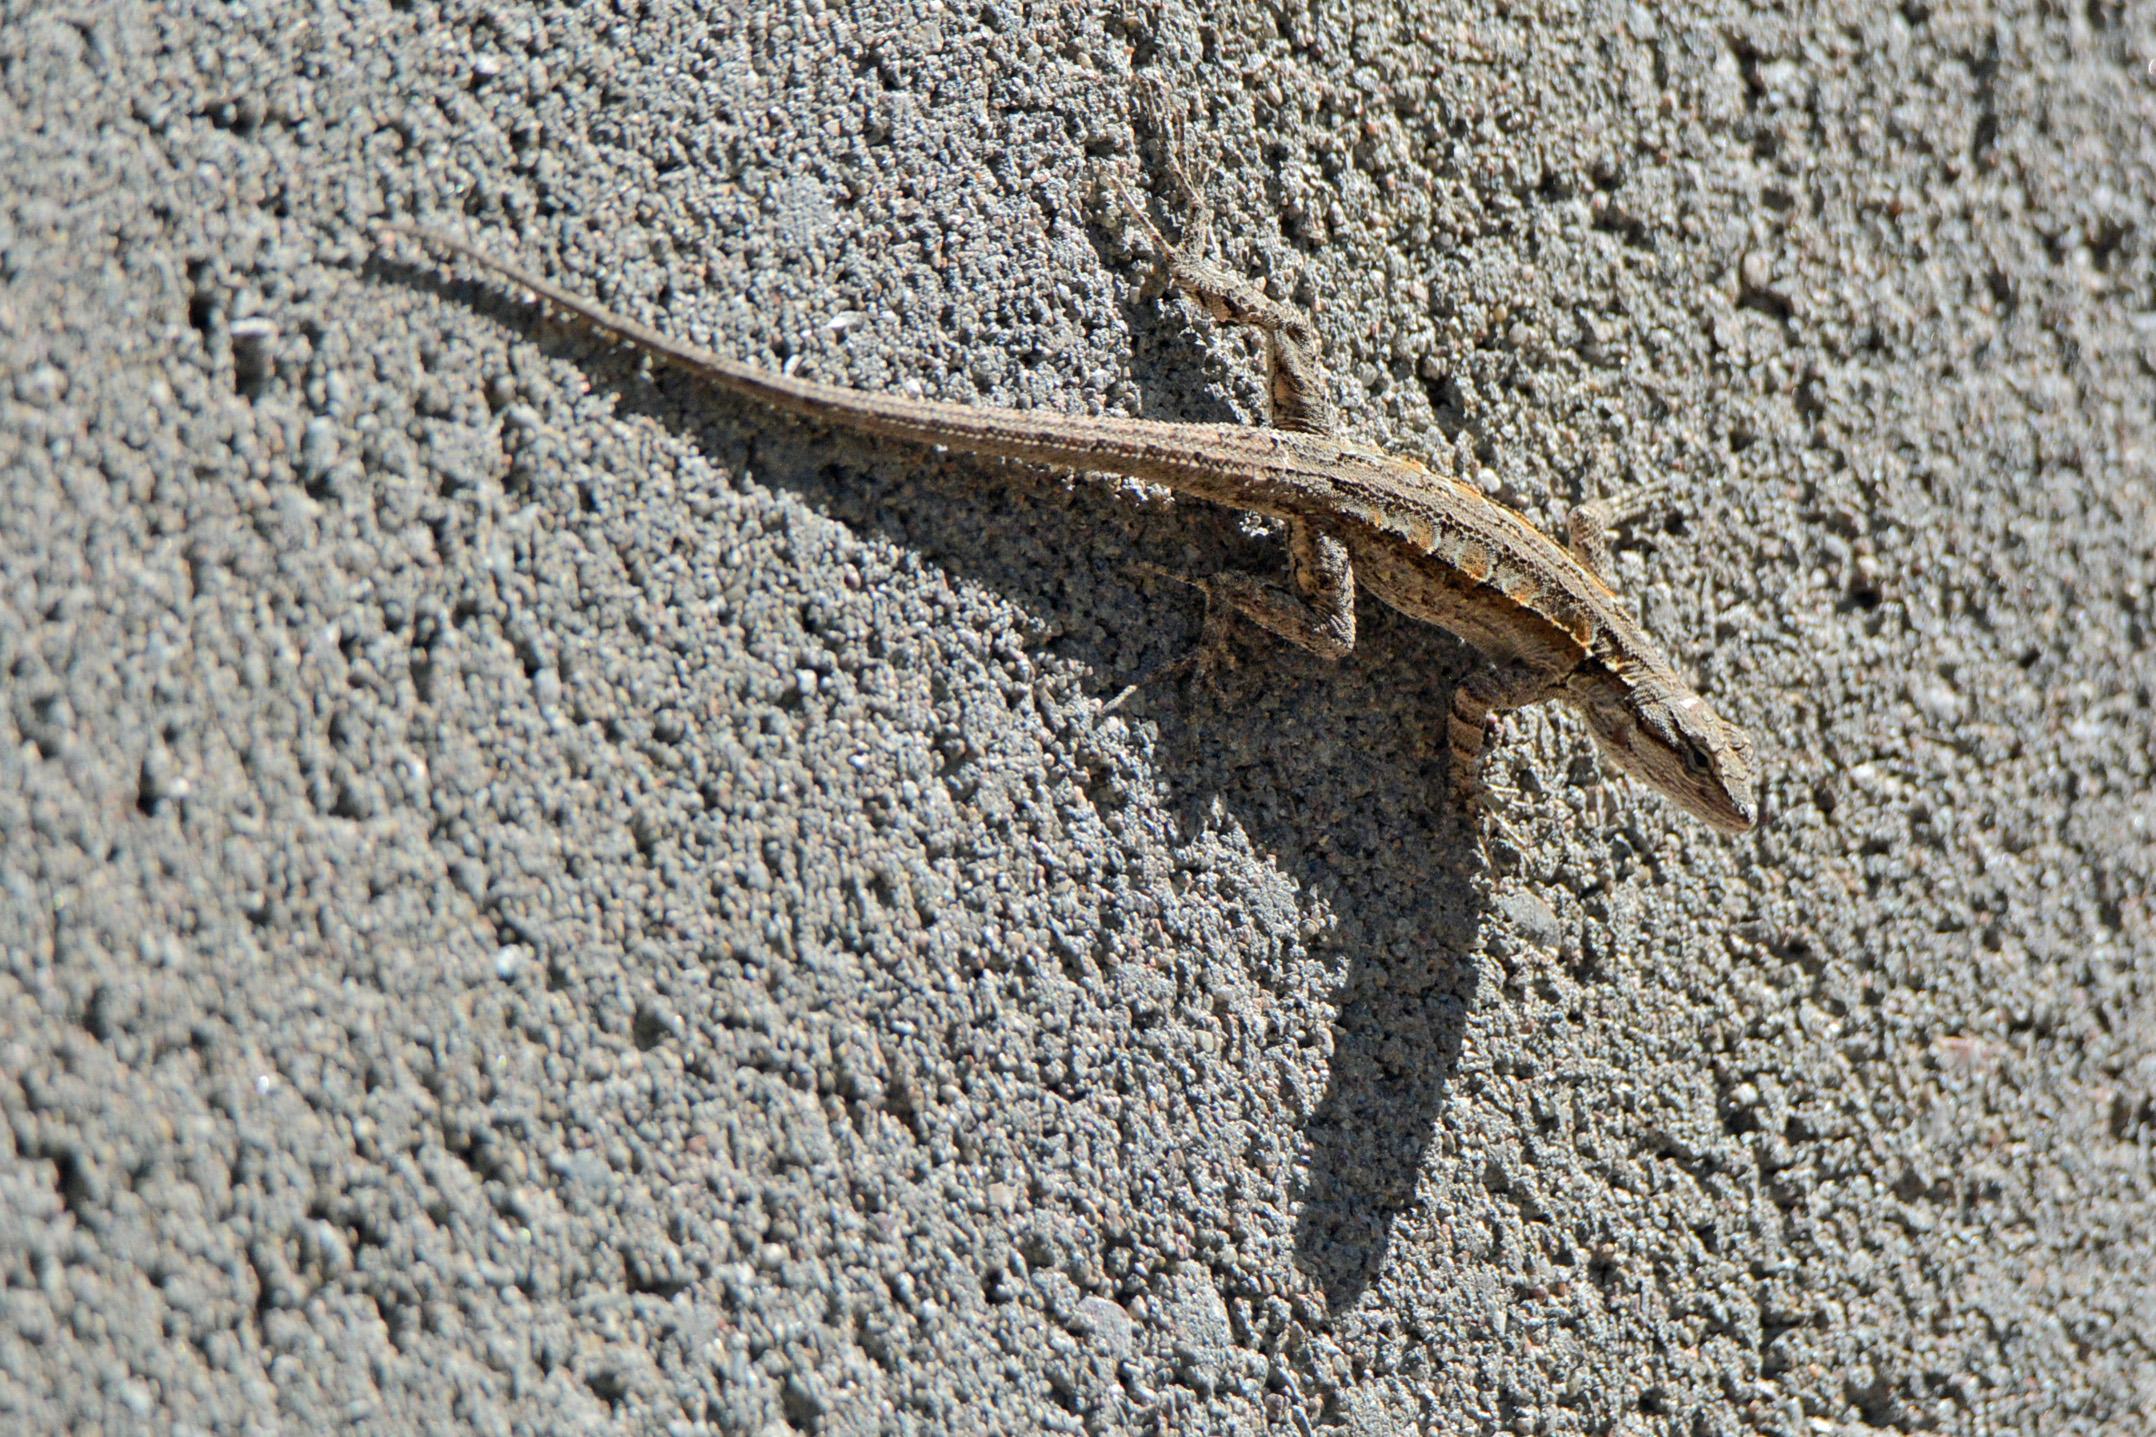 Lizard 10.15